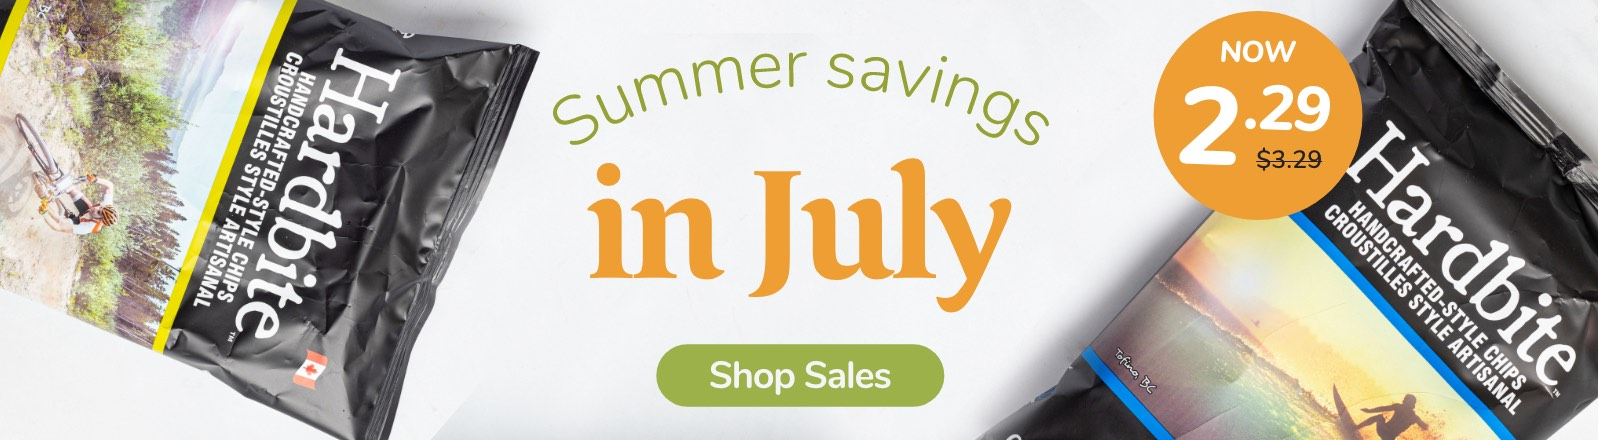 Summer Savings in July